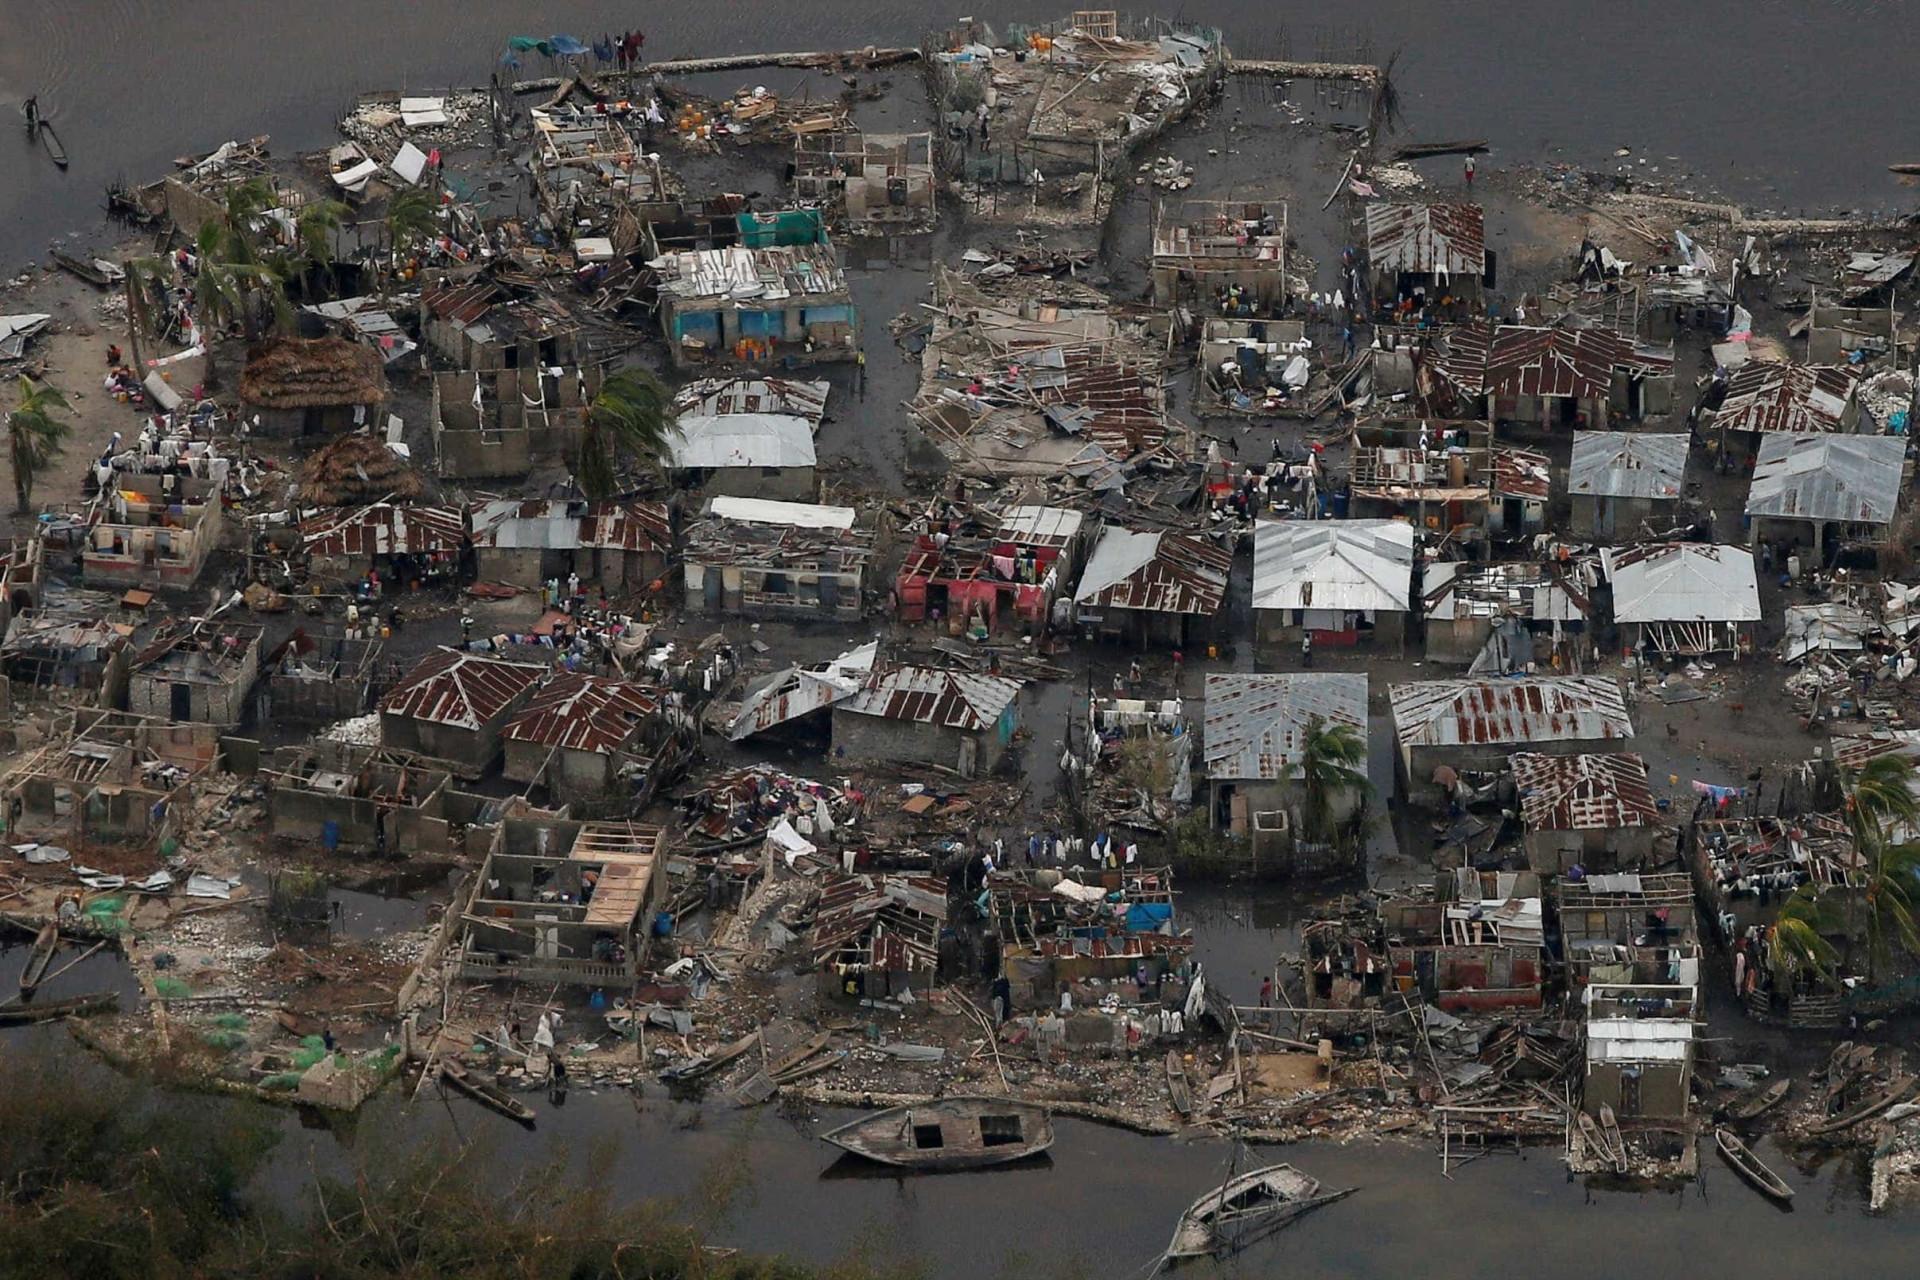 Mais de mil morreram mas ninguém diz 'Je Suis Haiti'. Porquê?